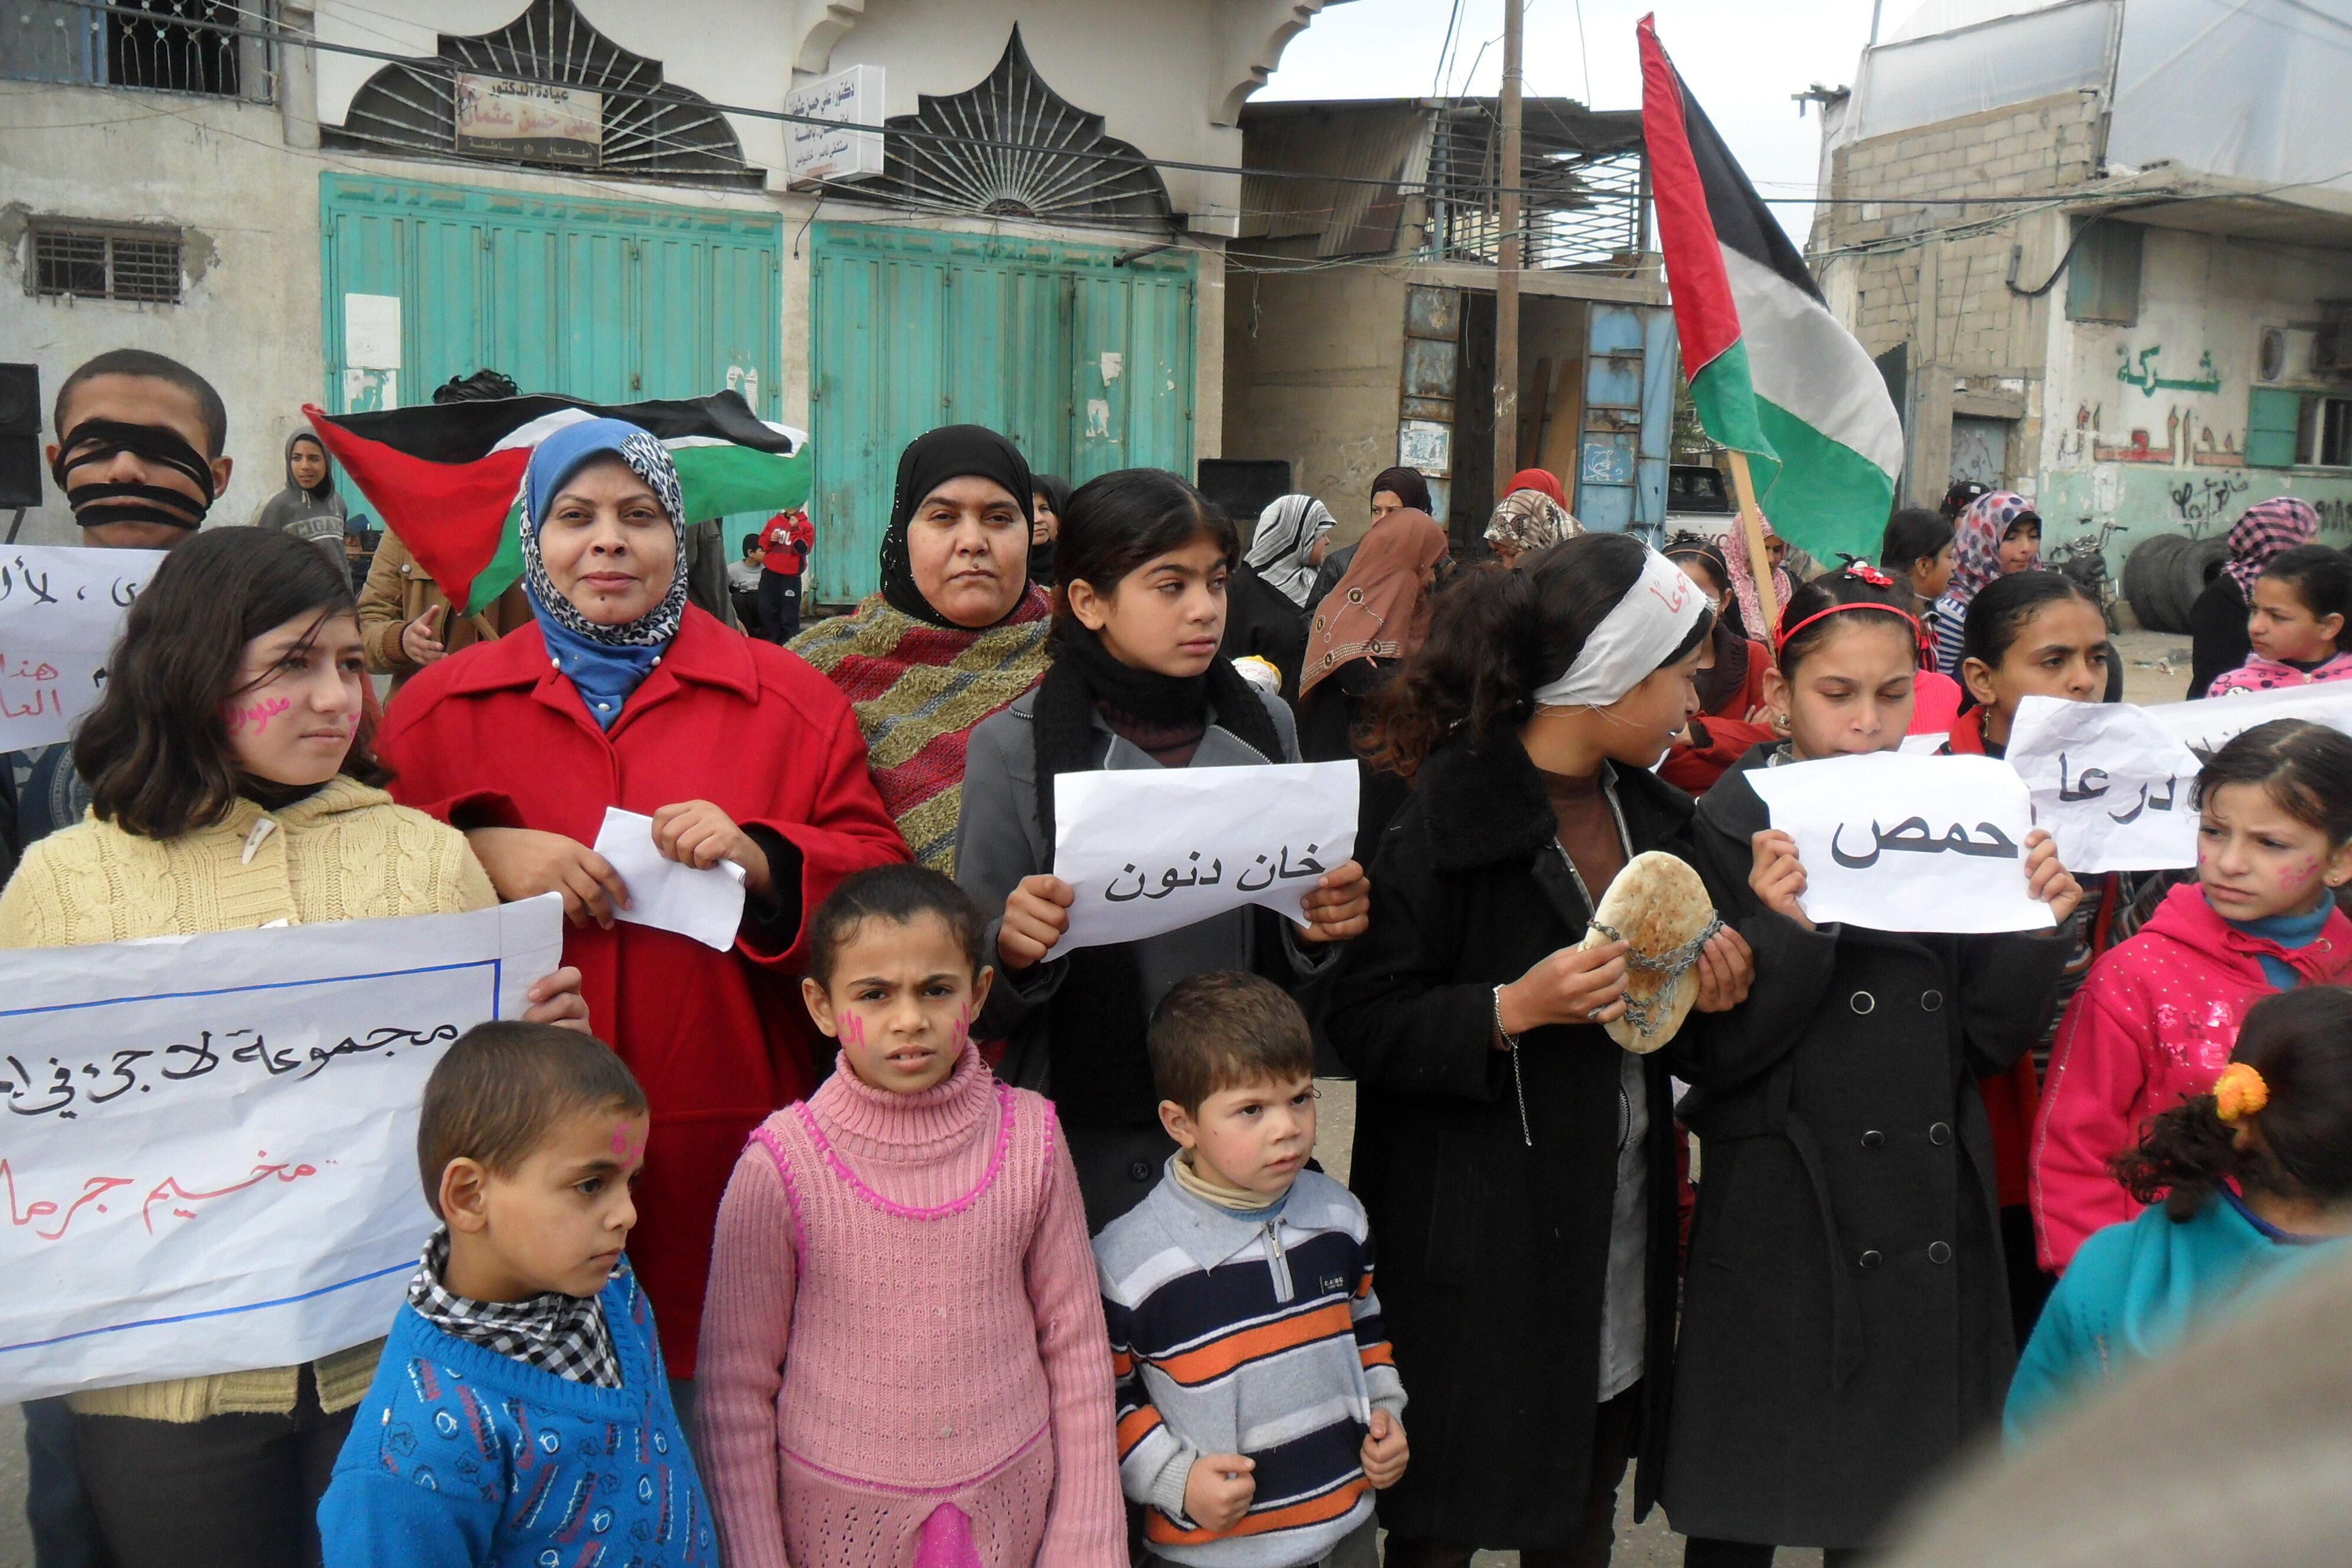 اتحاد لجان المرأة في رفح ينظم وقفة تضامنية مع أطفال مخيم اليرموك